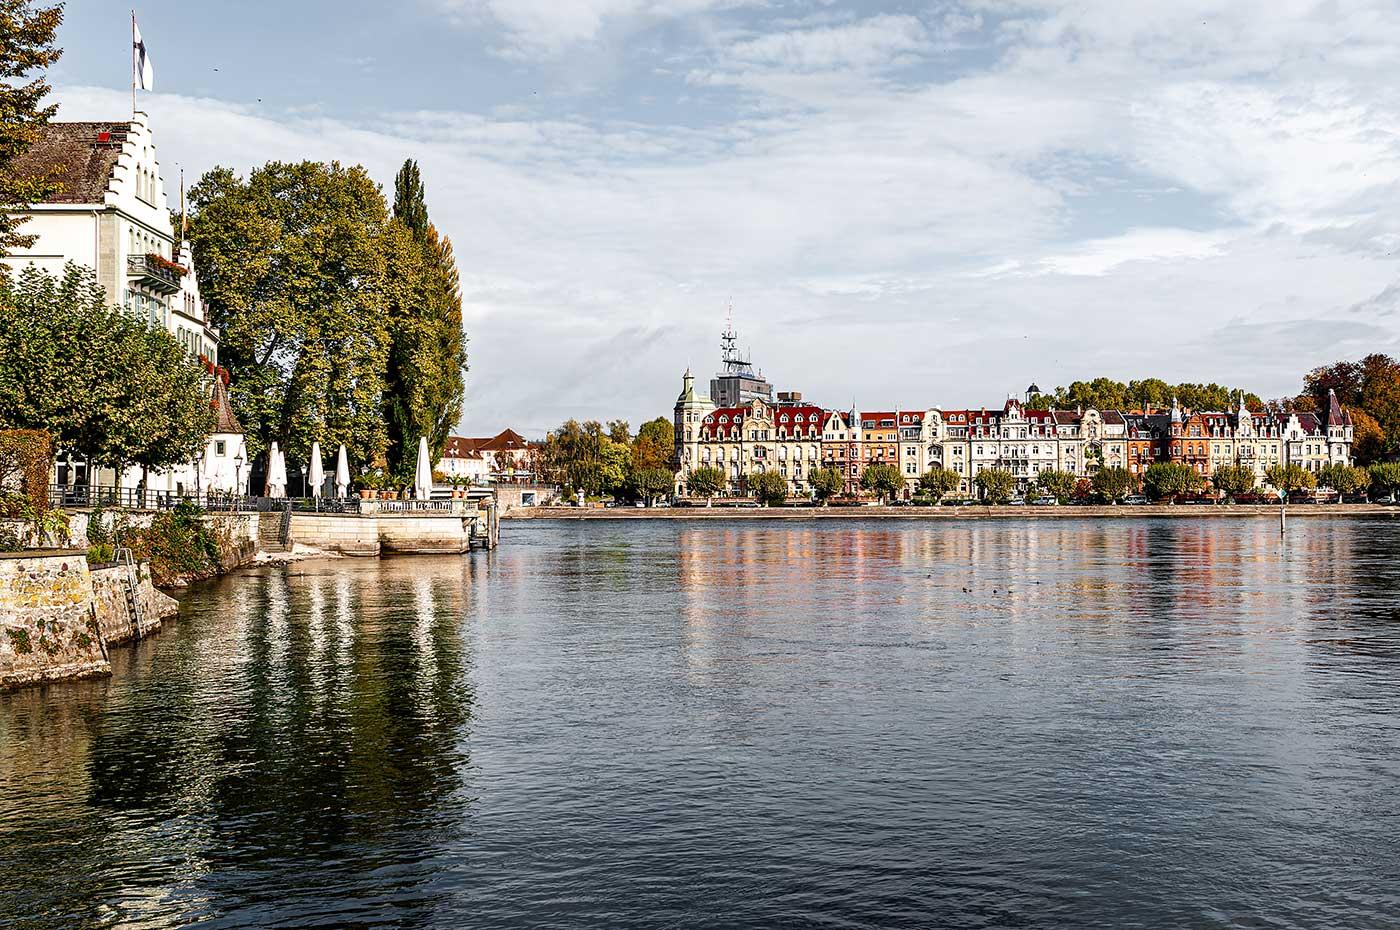 Auf dem Bild ist die Lage des schönsten Hotels am Bodensee zu sehen